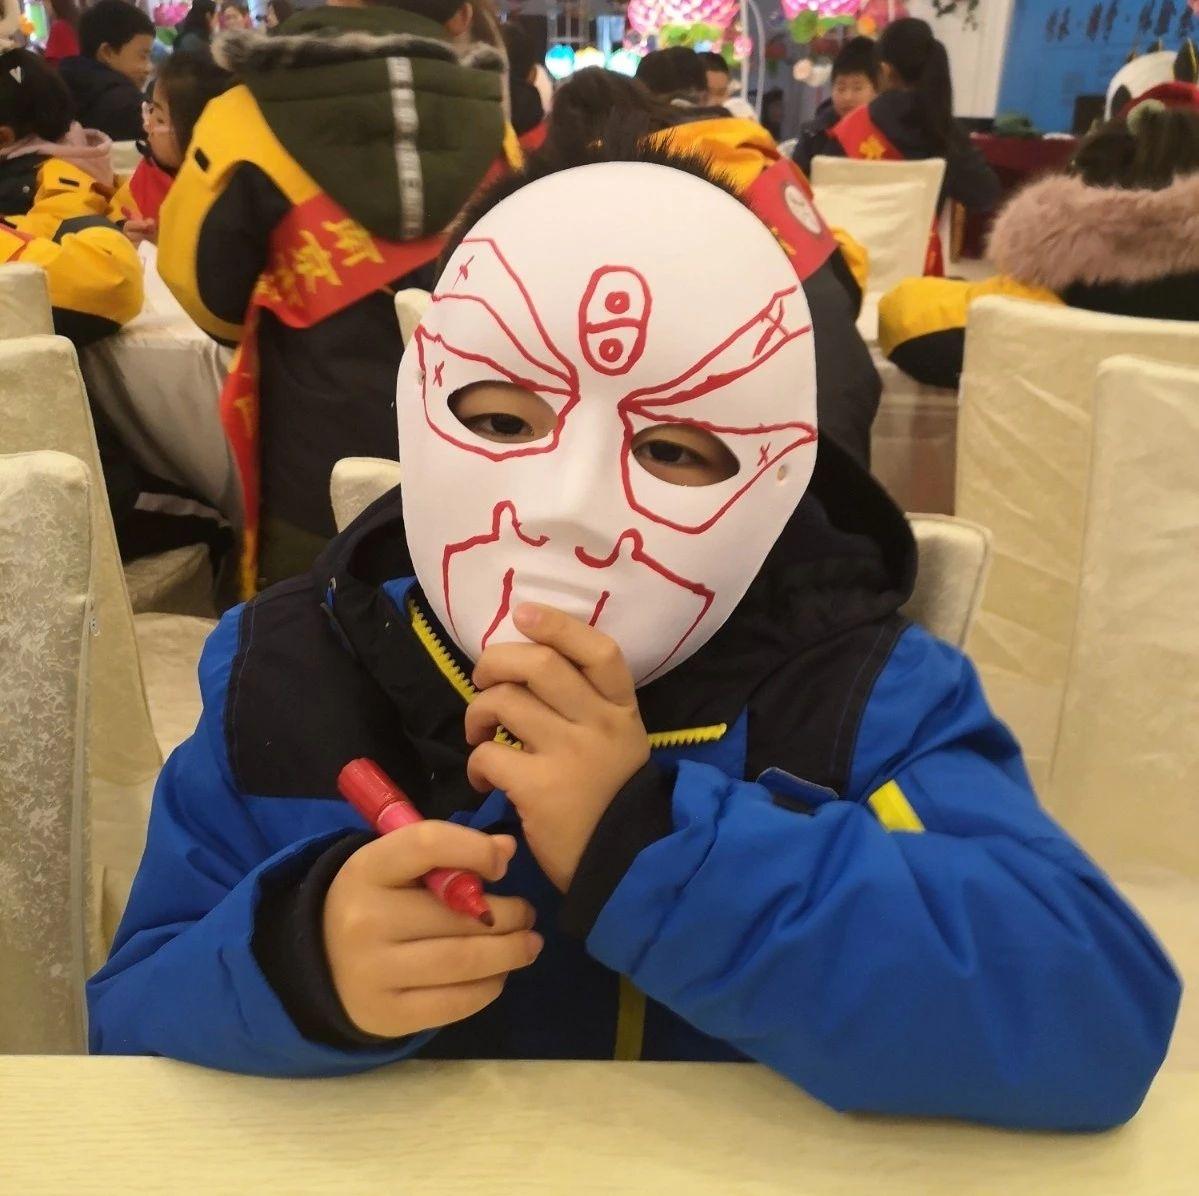 【雏鹰新闻报道】小雏鹰画脸谱 跟着非遗传人颜蕾老师拜师学艺